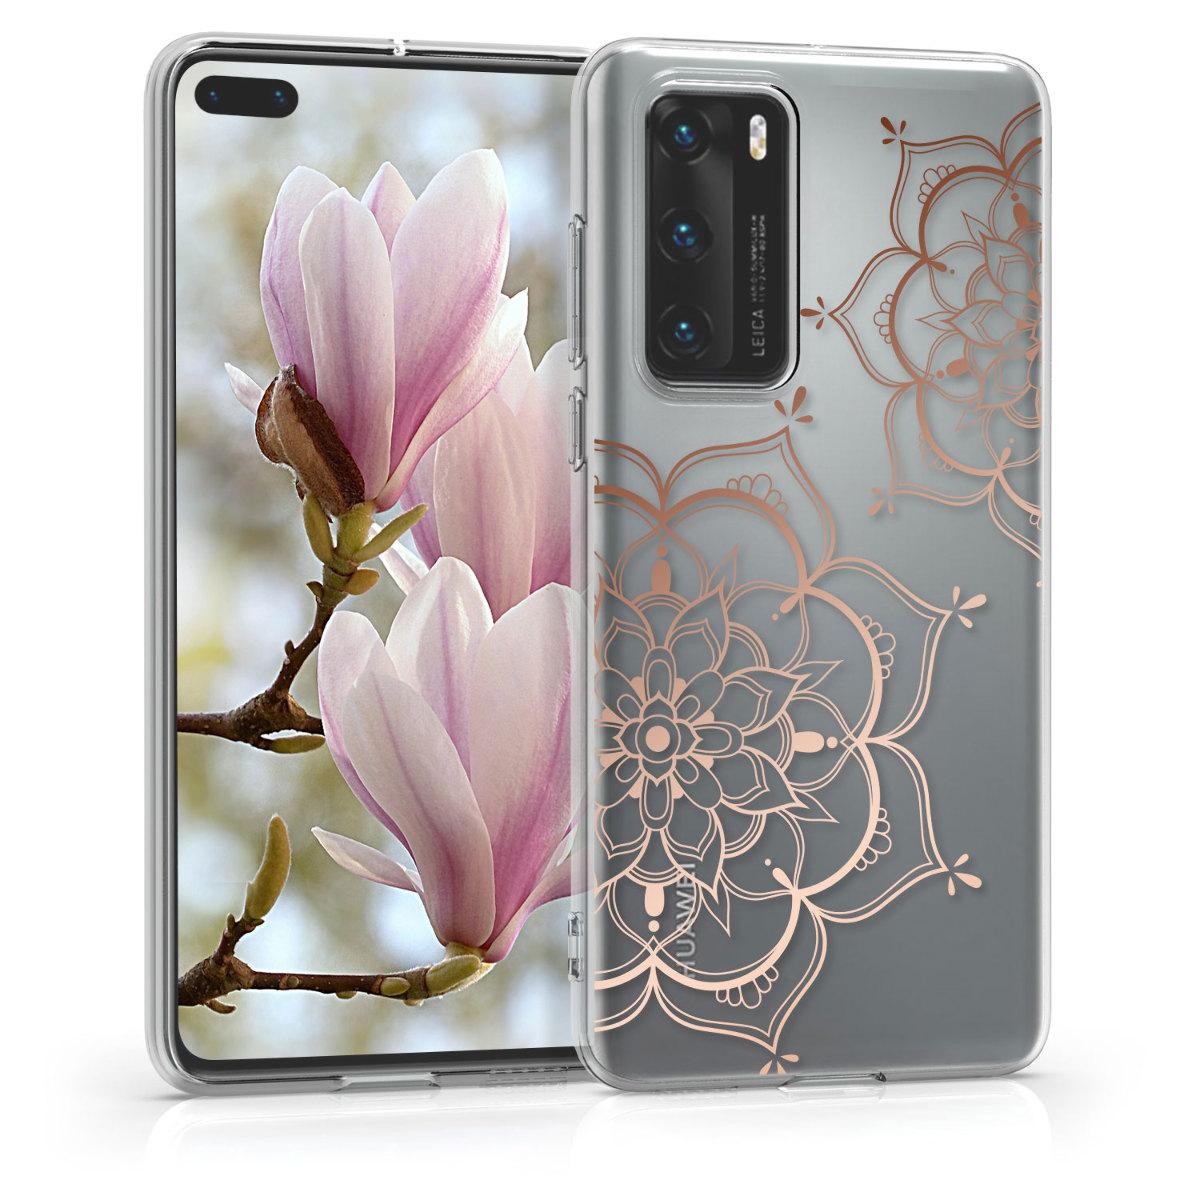 Silikonové průhledné pouzdro / obal s motivem květin v rose gold pro Huawei P40